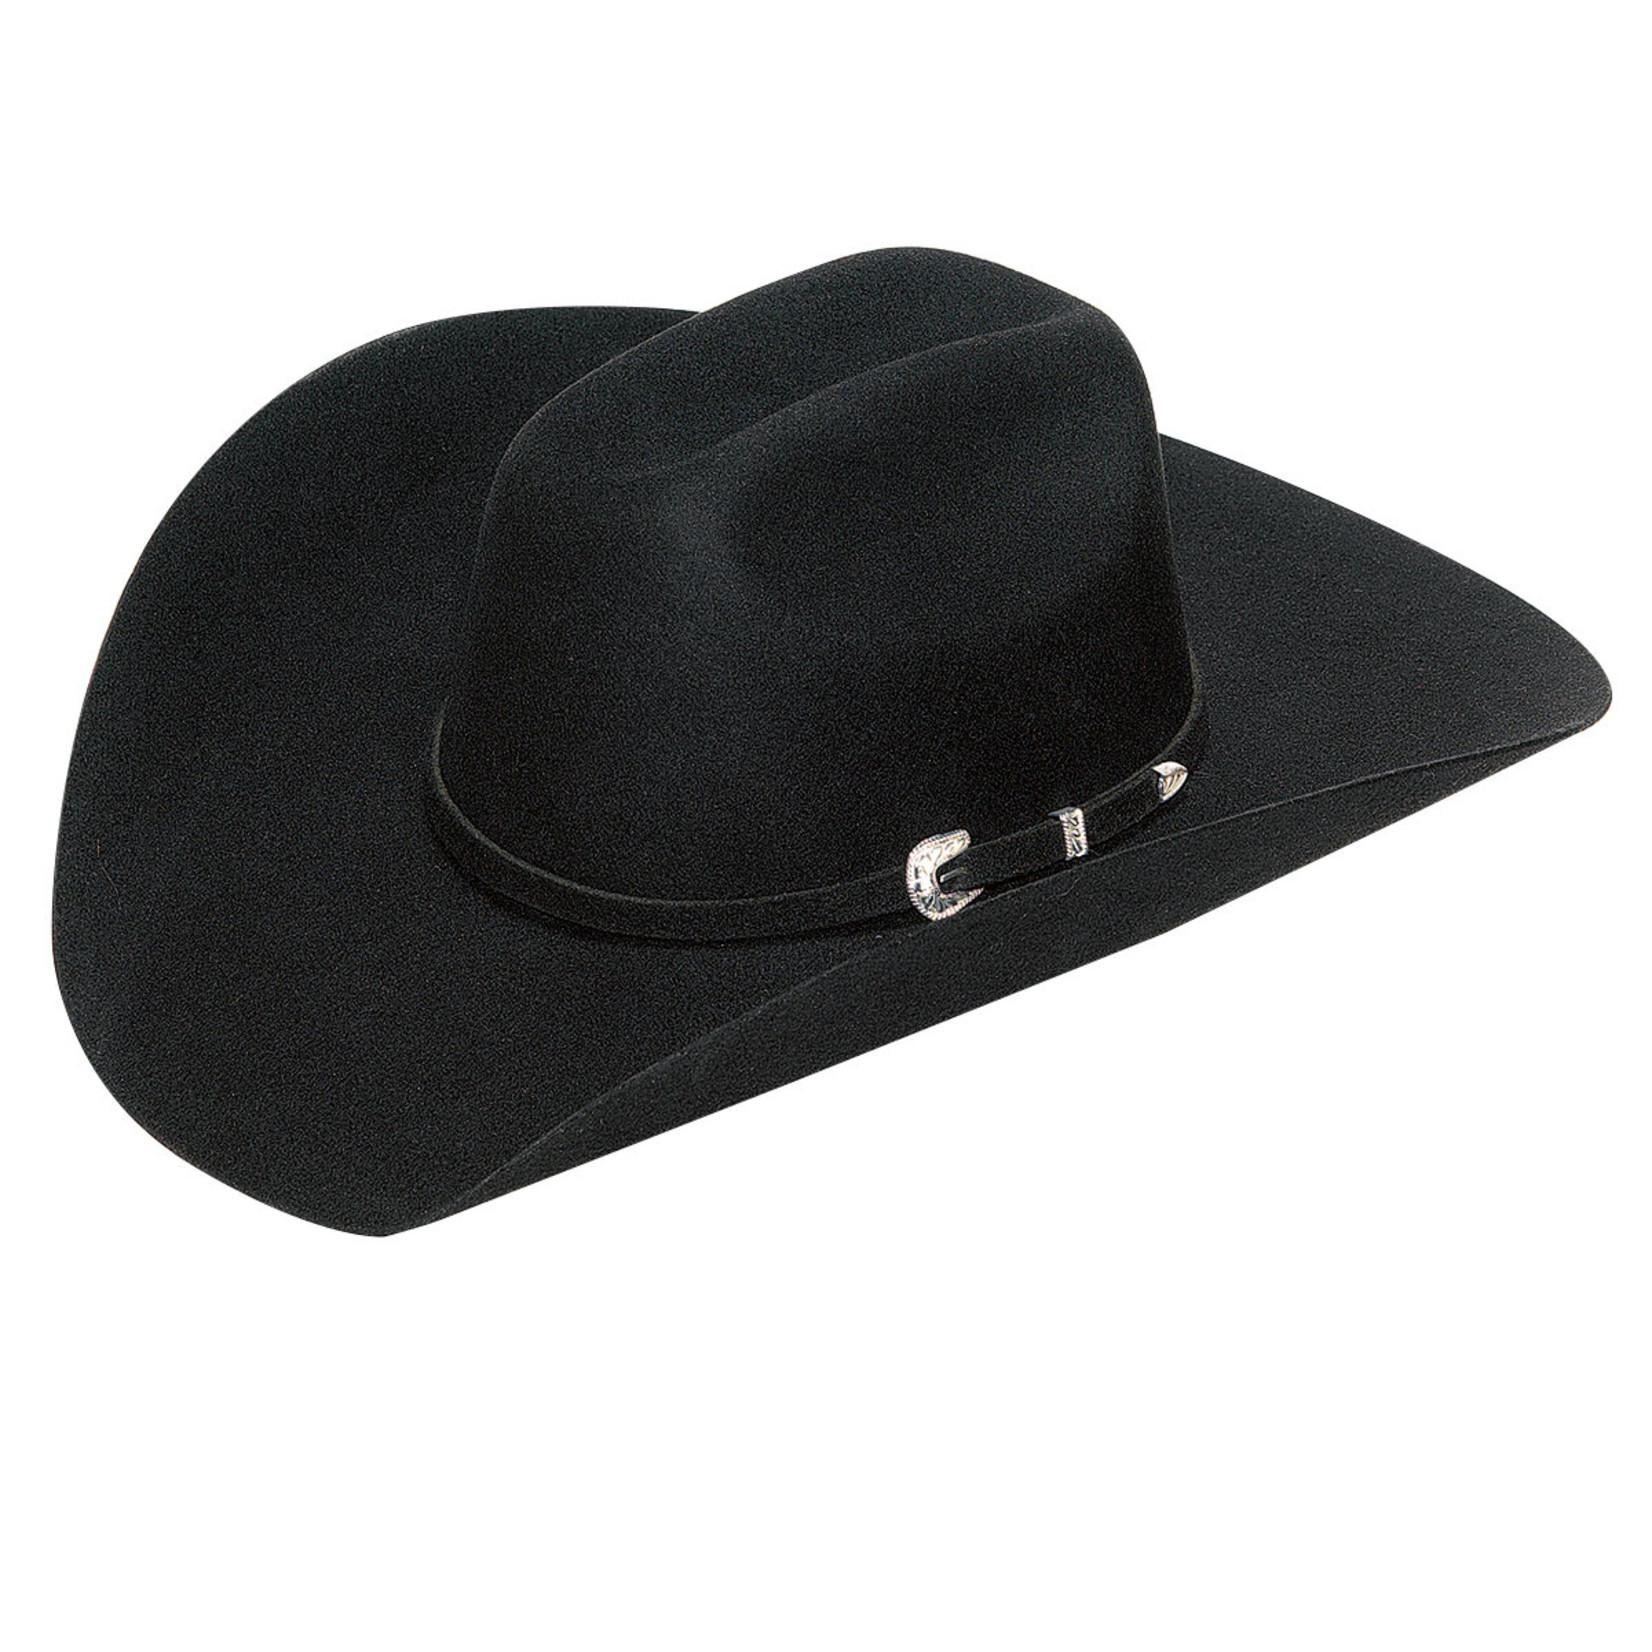 Twister Laredo 3x Wool Hat Black T7532001